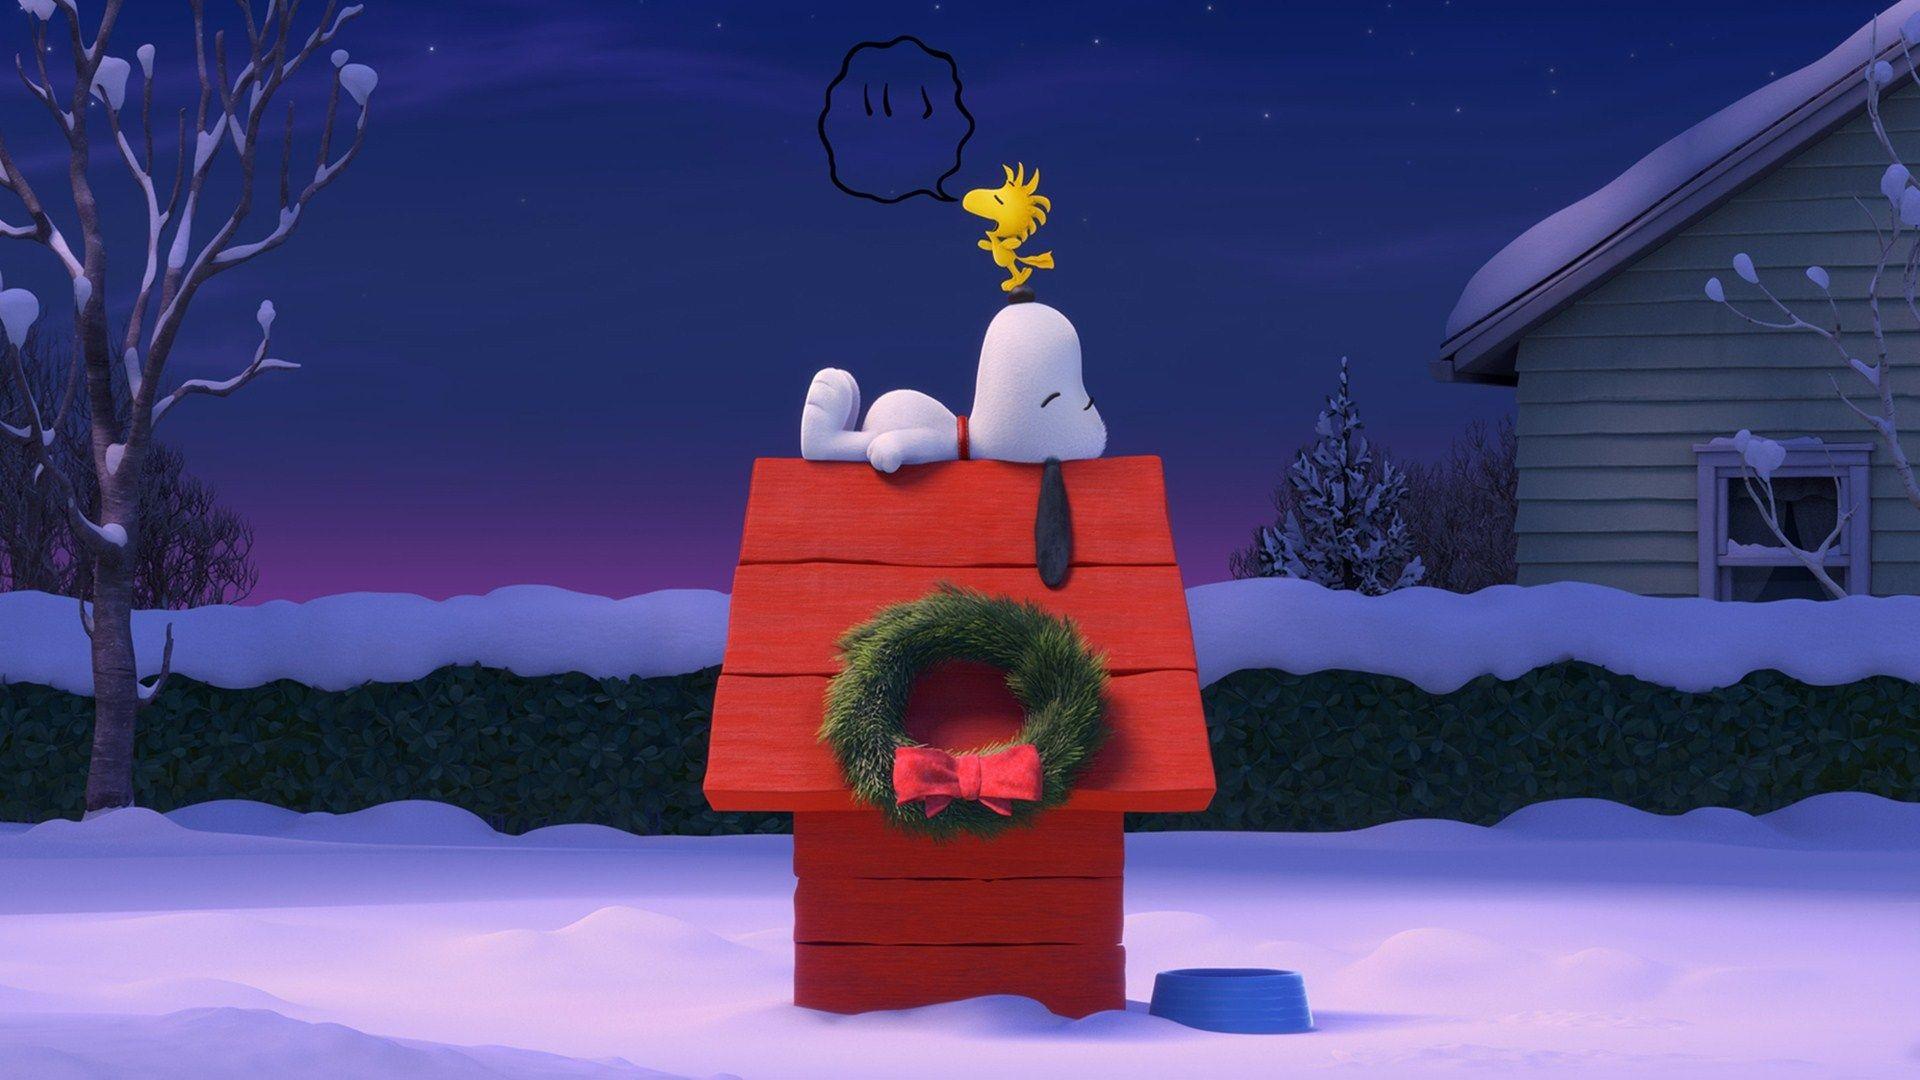 Peanuts Desktop Wallpaper (49+ images)